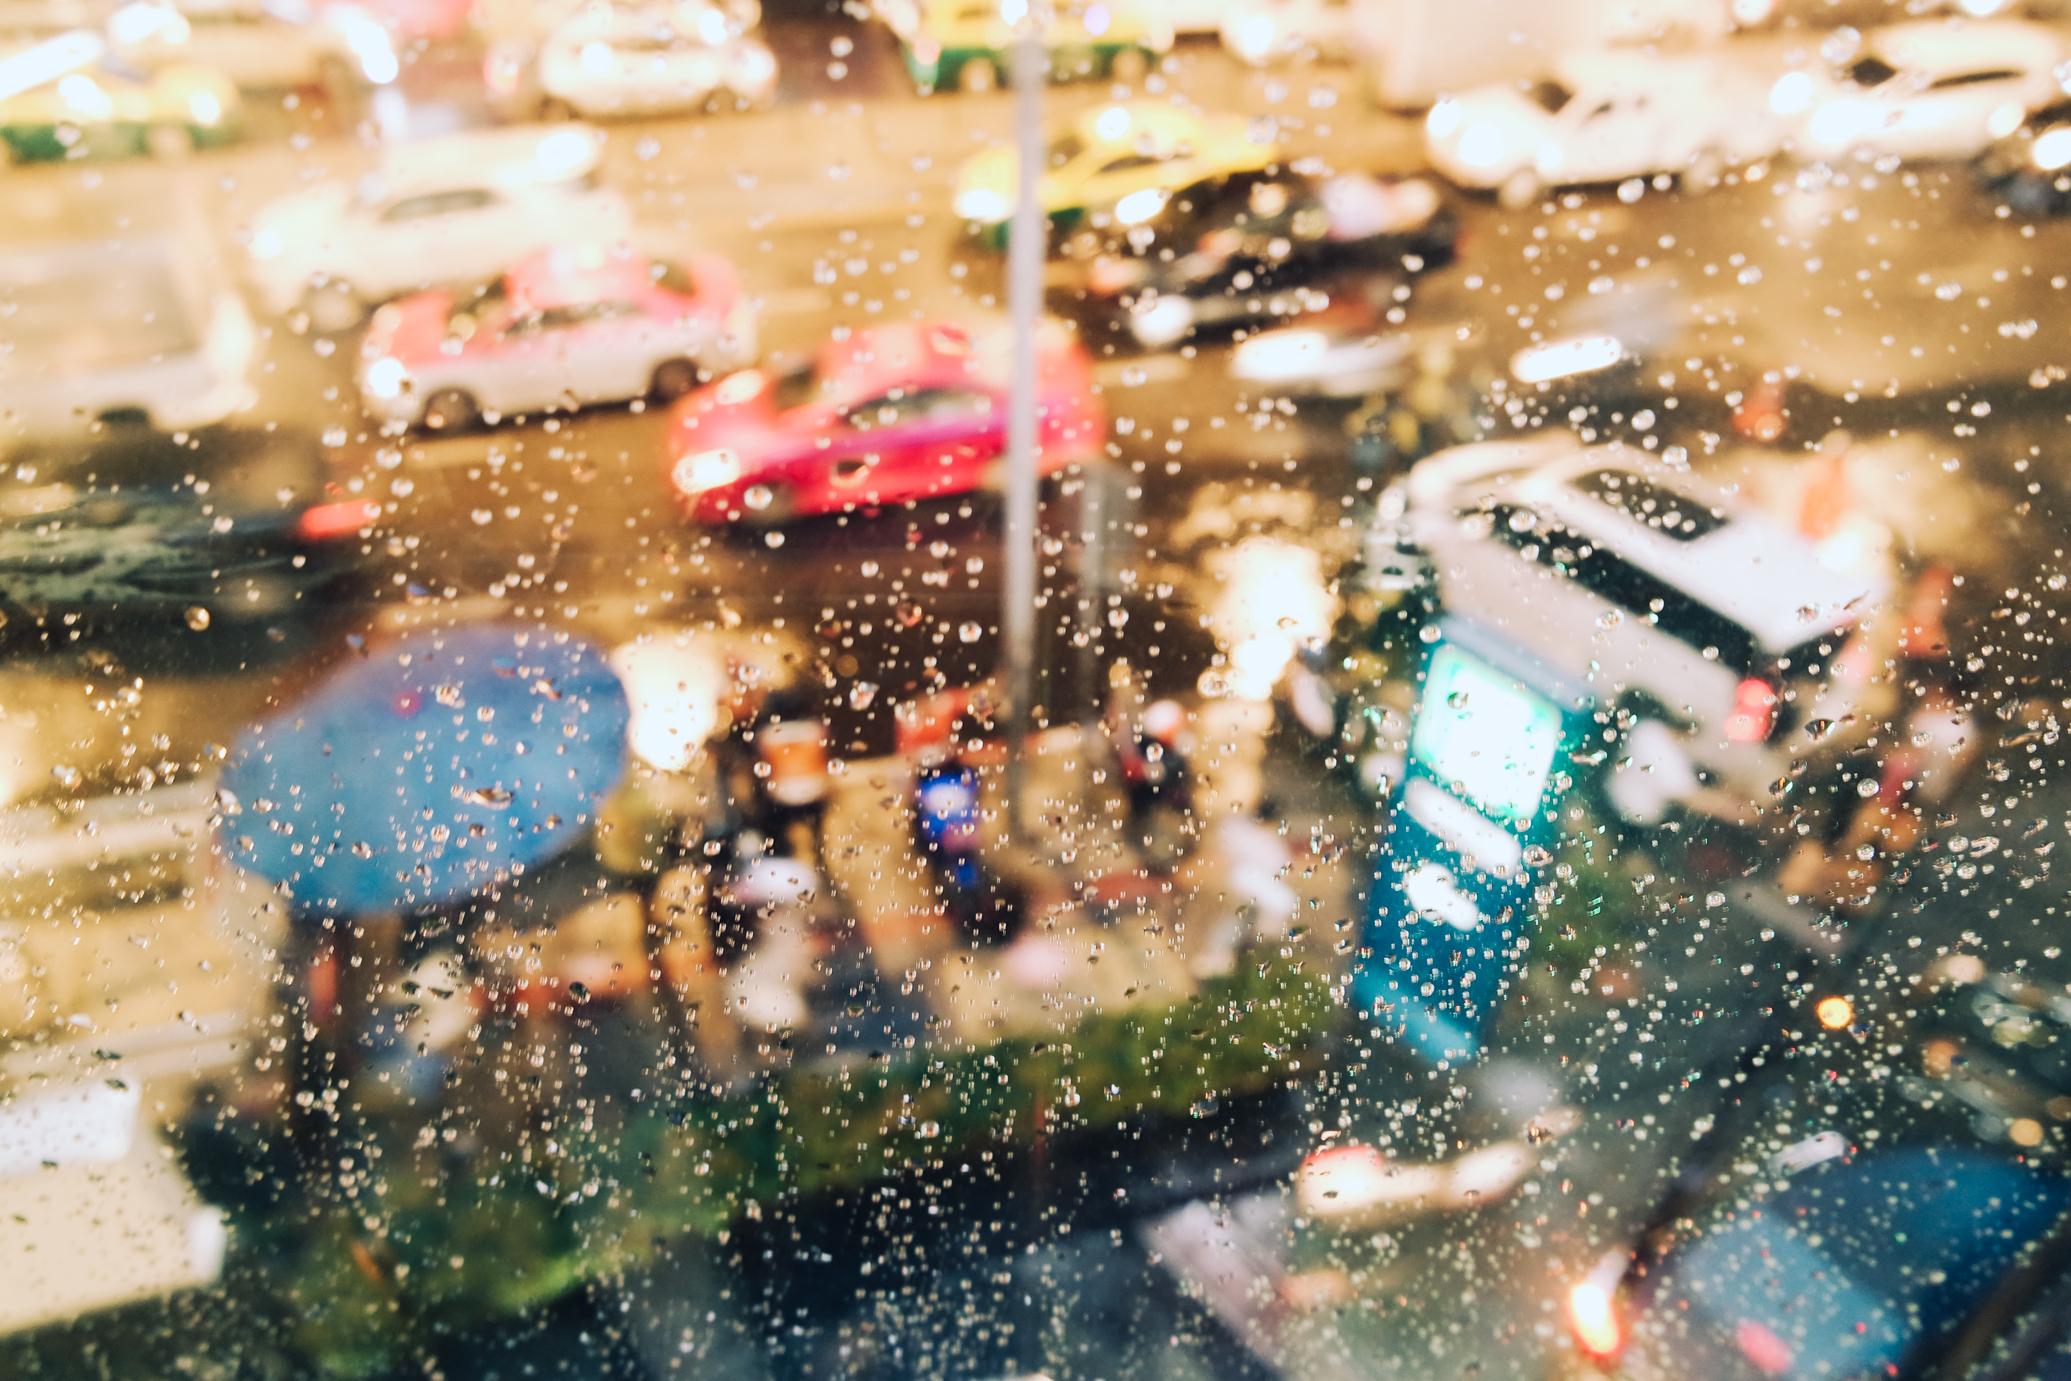 Bangkok rain .jpg